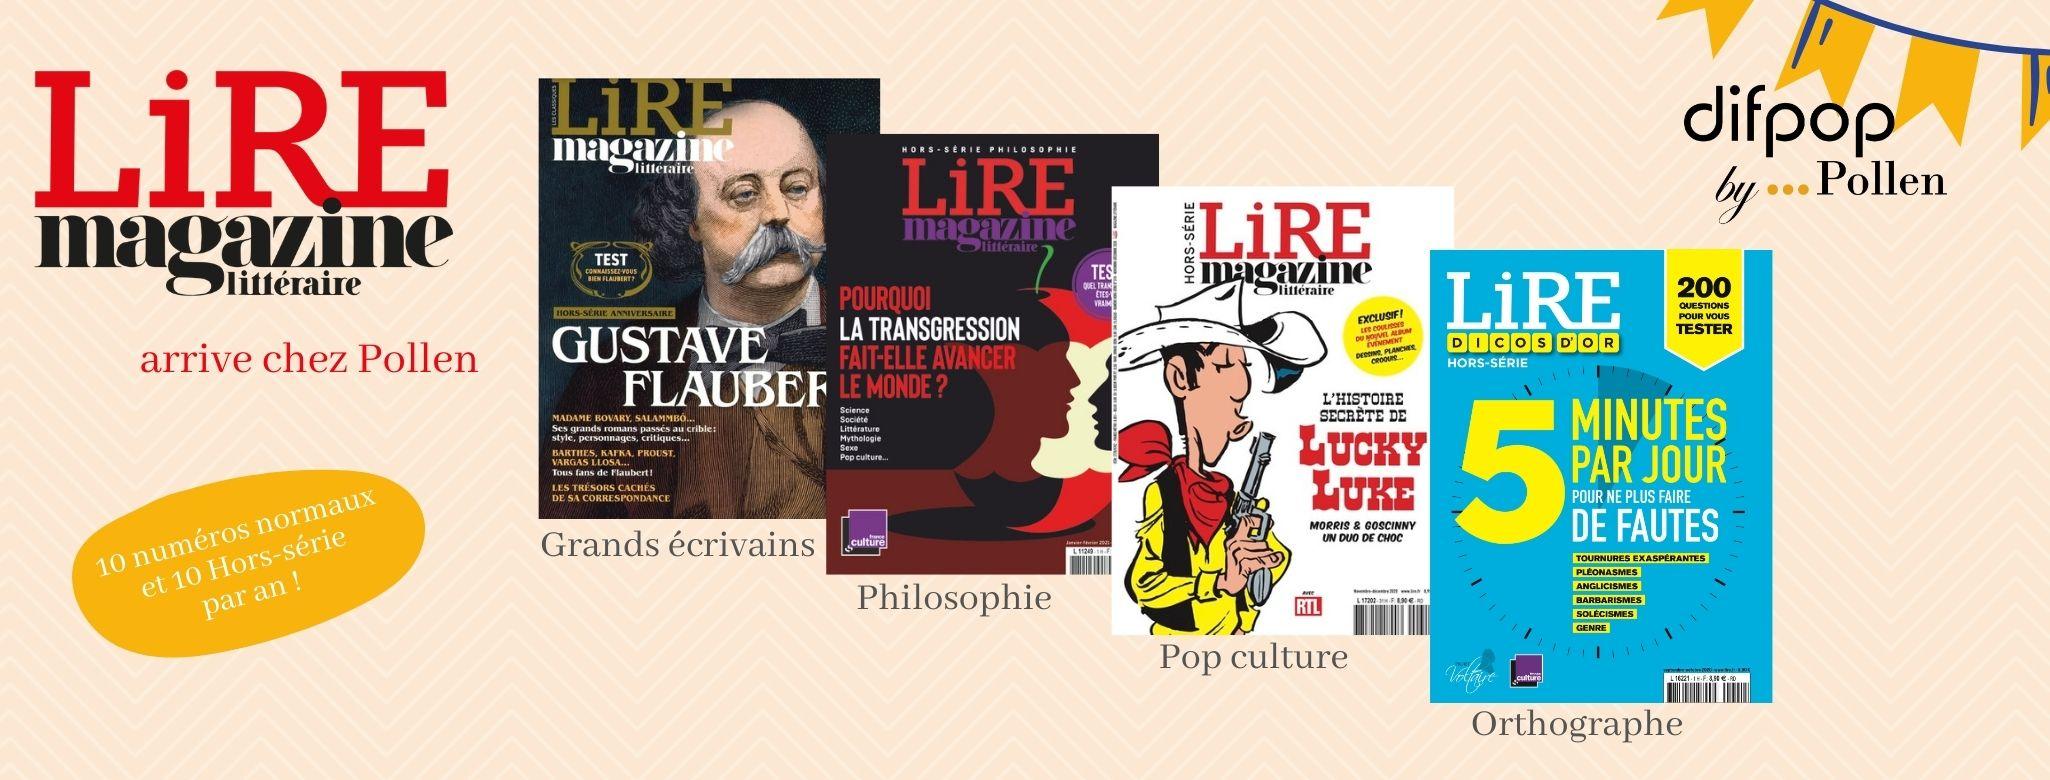 Lire Magazine Littéraire, fruit du rapprochement de deux rédactions qui partagent leur passion des livres et des écrivains depuis plus d'un demi-siècle,  décrypte chaque mois l'actualité littéraire : entretiens, critiques, vie des idées, reportages, extraits en avant-première…